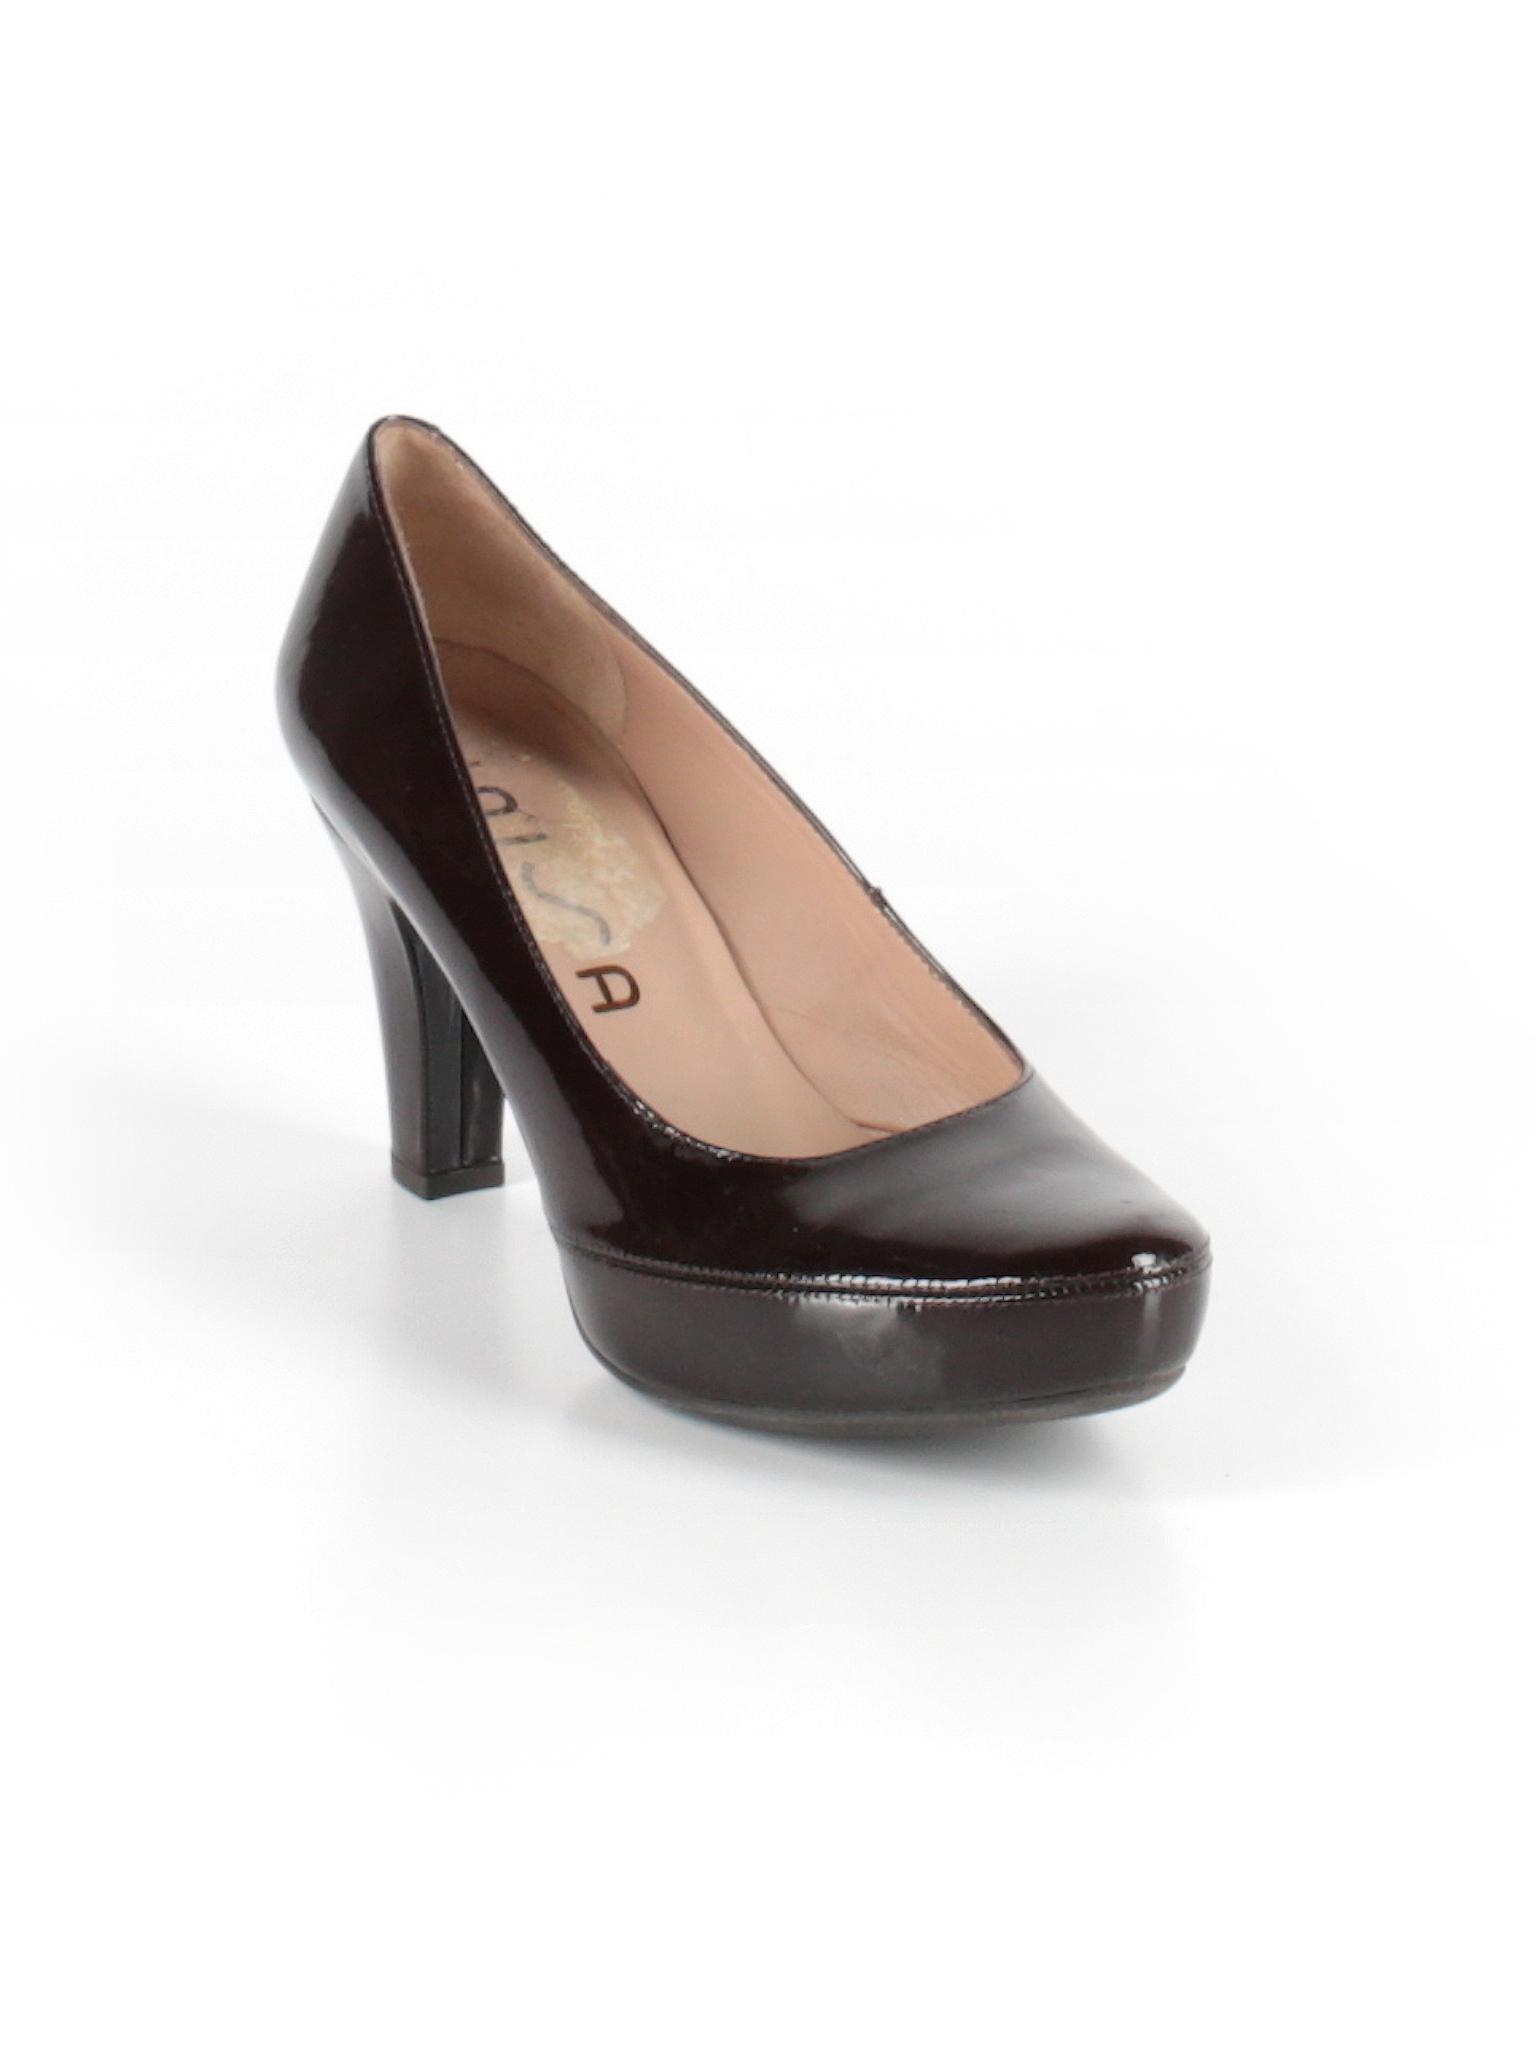 Boutique promotion Unisa Boutique promotion Heels PqY4vZx